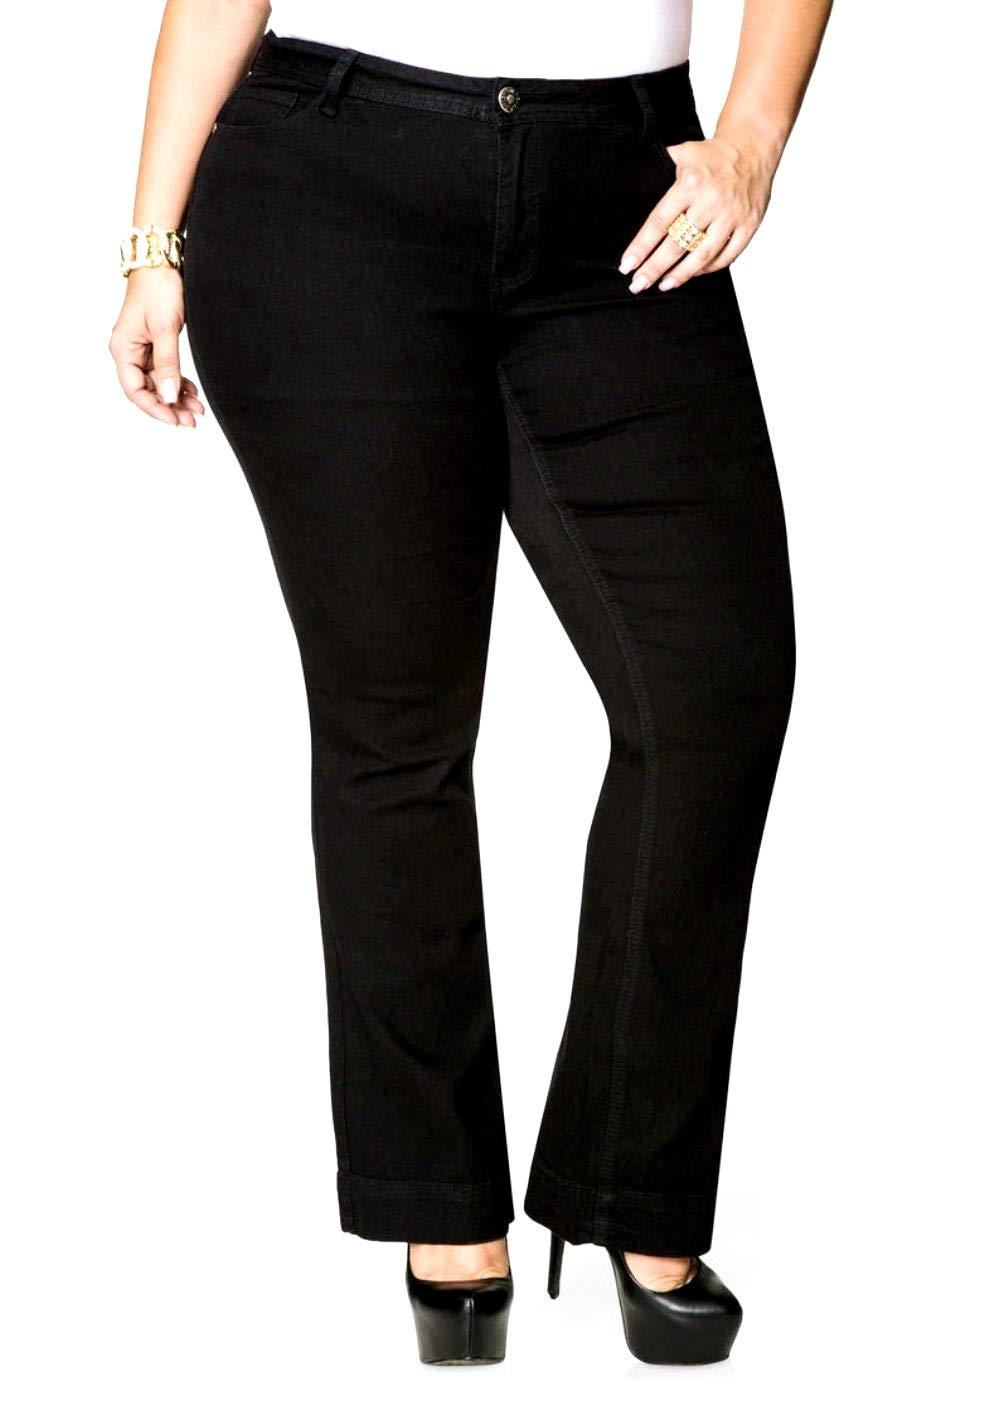 Avenue Womens Plus Size Petite Bootcut Stretch Blue Black Denim Jeans Pants 8X (20P, Black)